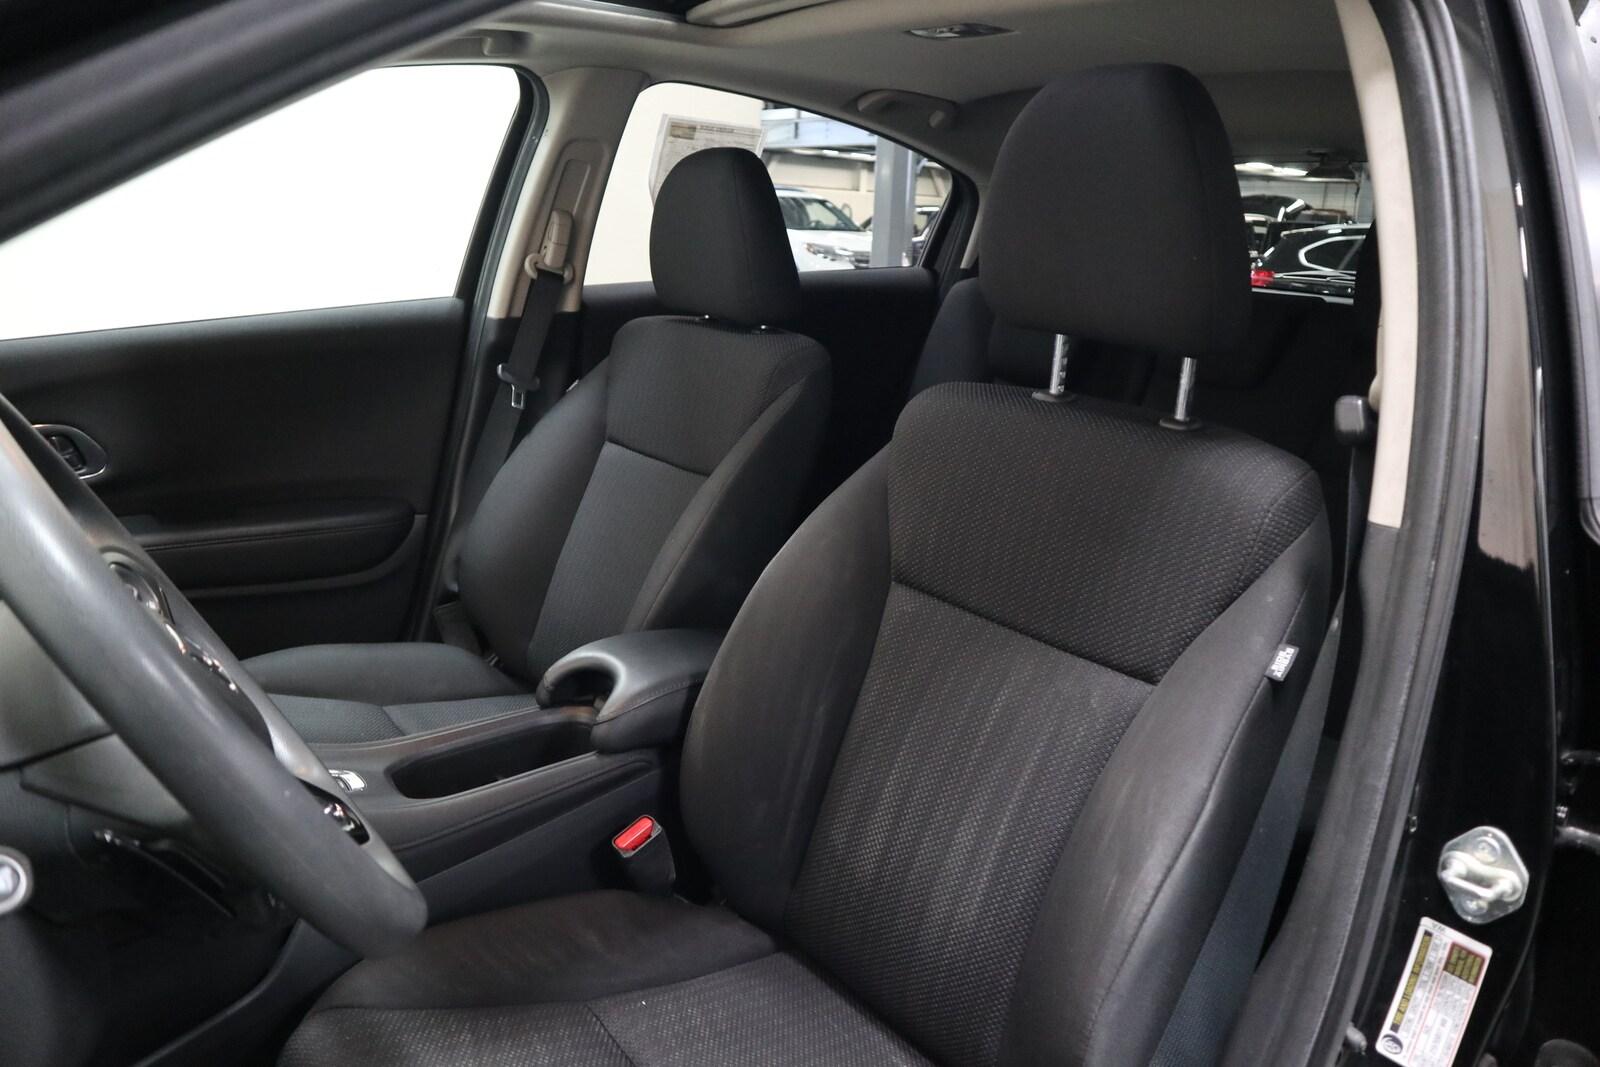 used 2016 Honda HR-V car, priced at $15,698